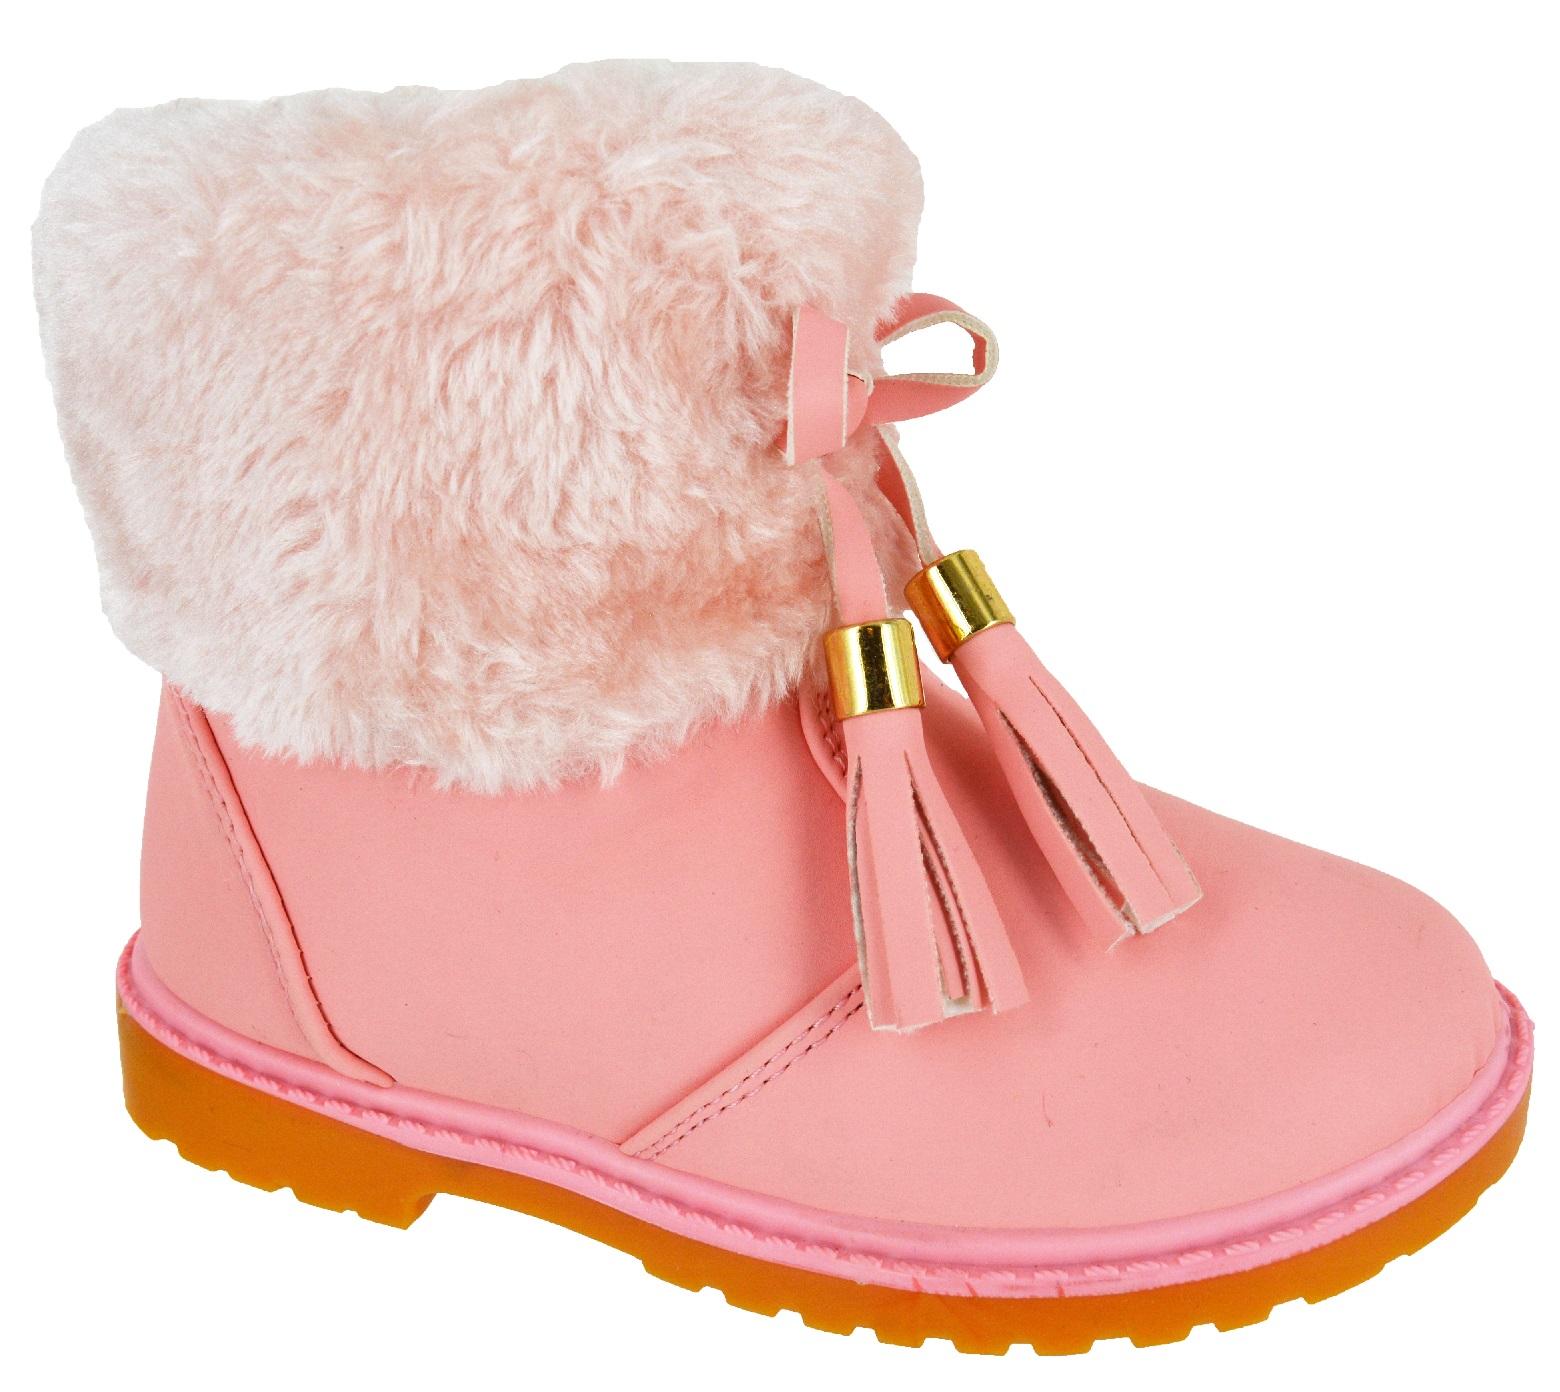 New Kids Girls Fashion Infants Ankle Zip Warm Winter Fur